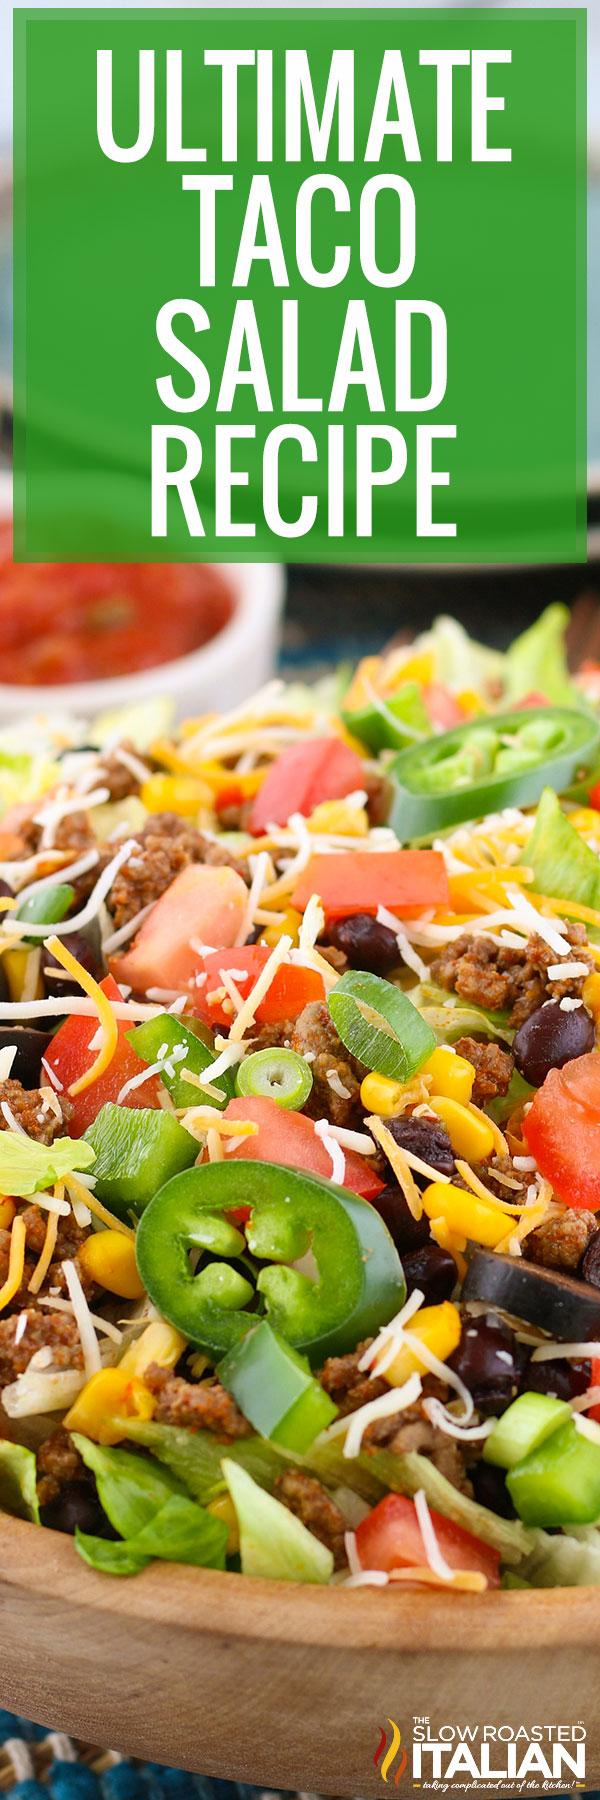 taco salad recipe collage